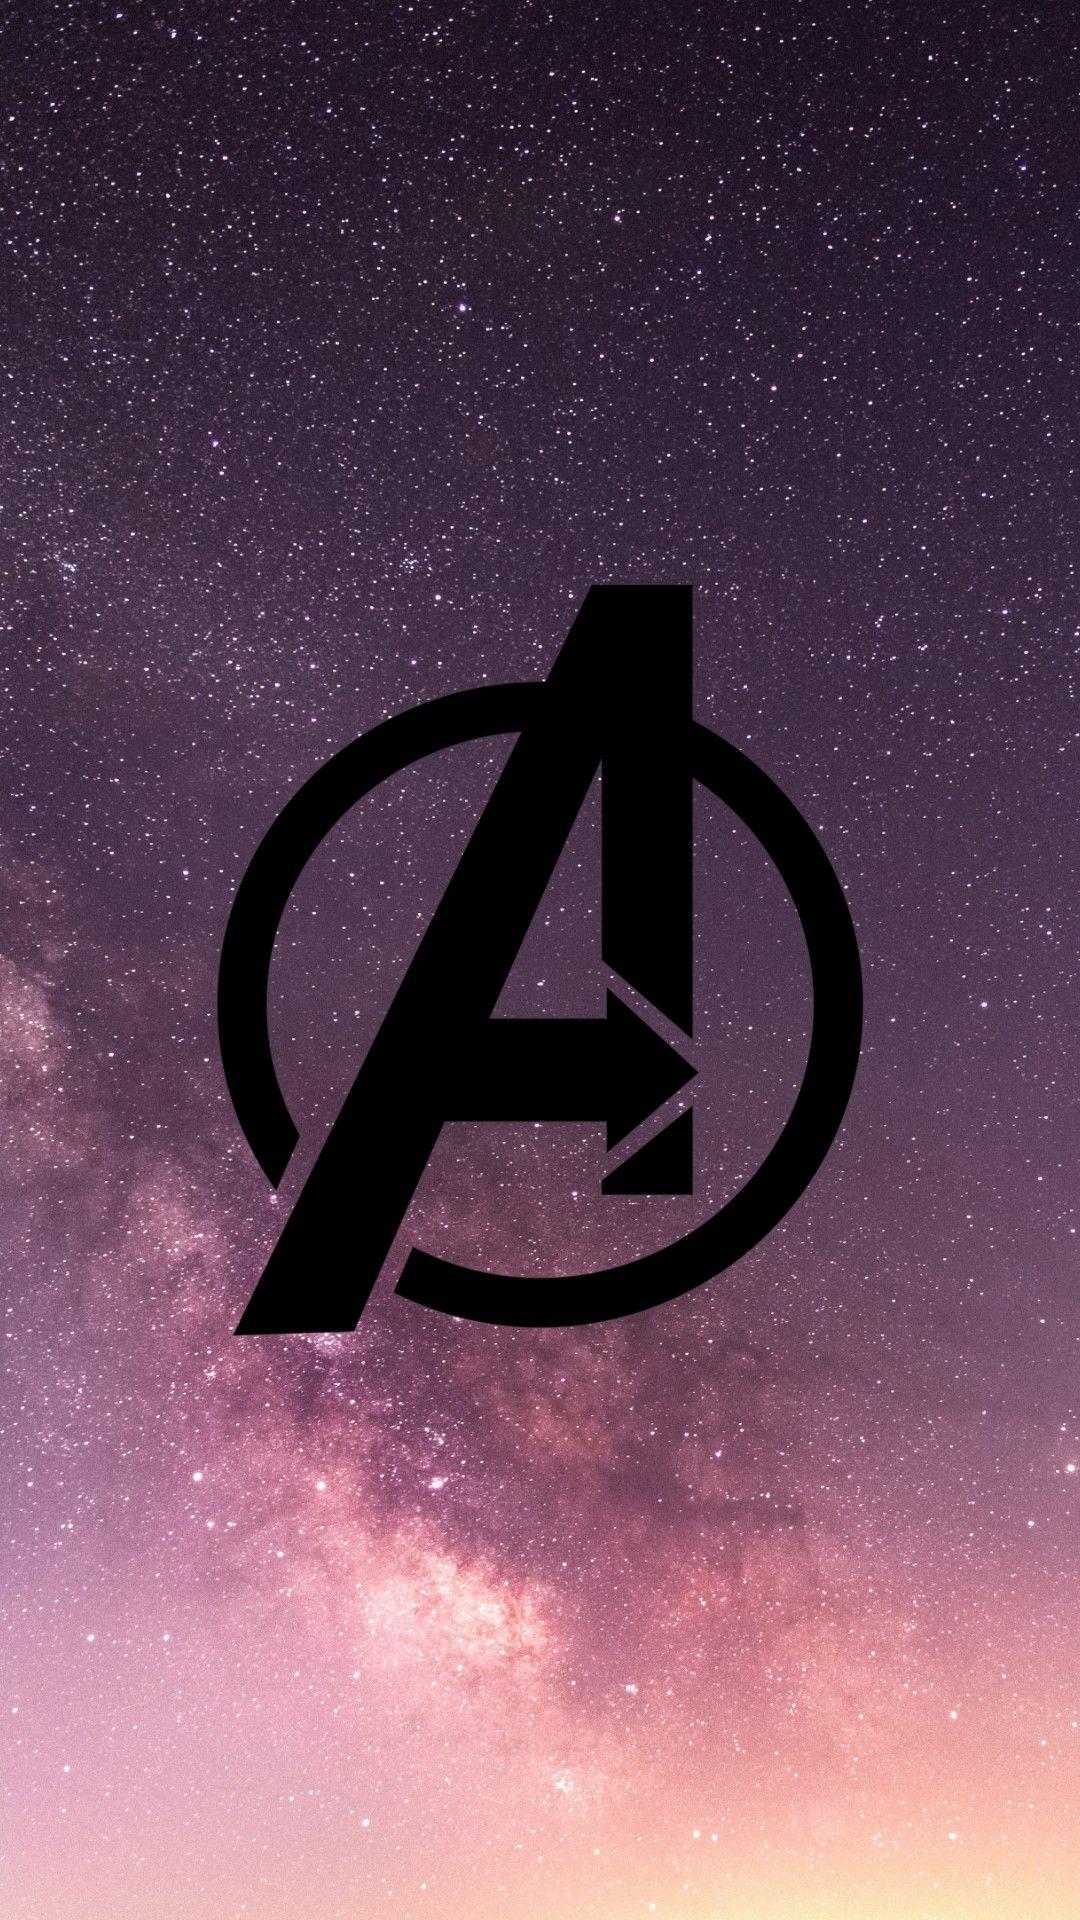 Avengers Avengers Wallpaper Endgame Infinitywar Avengerslogo